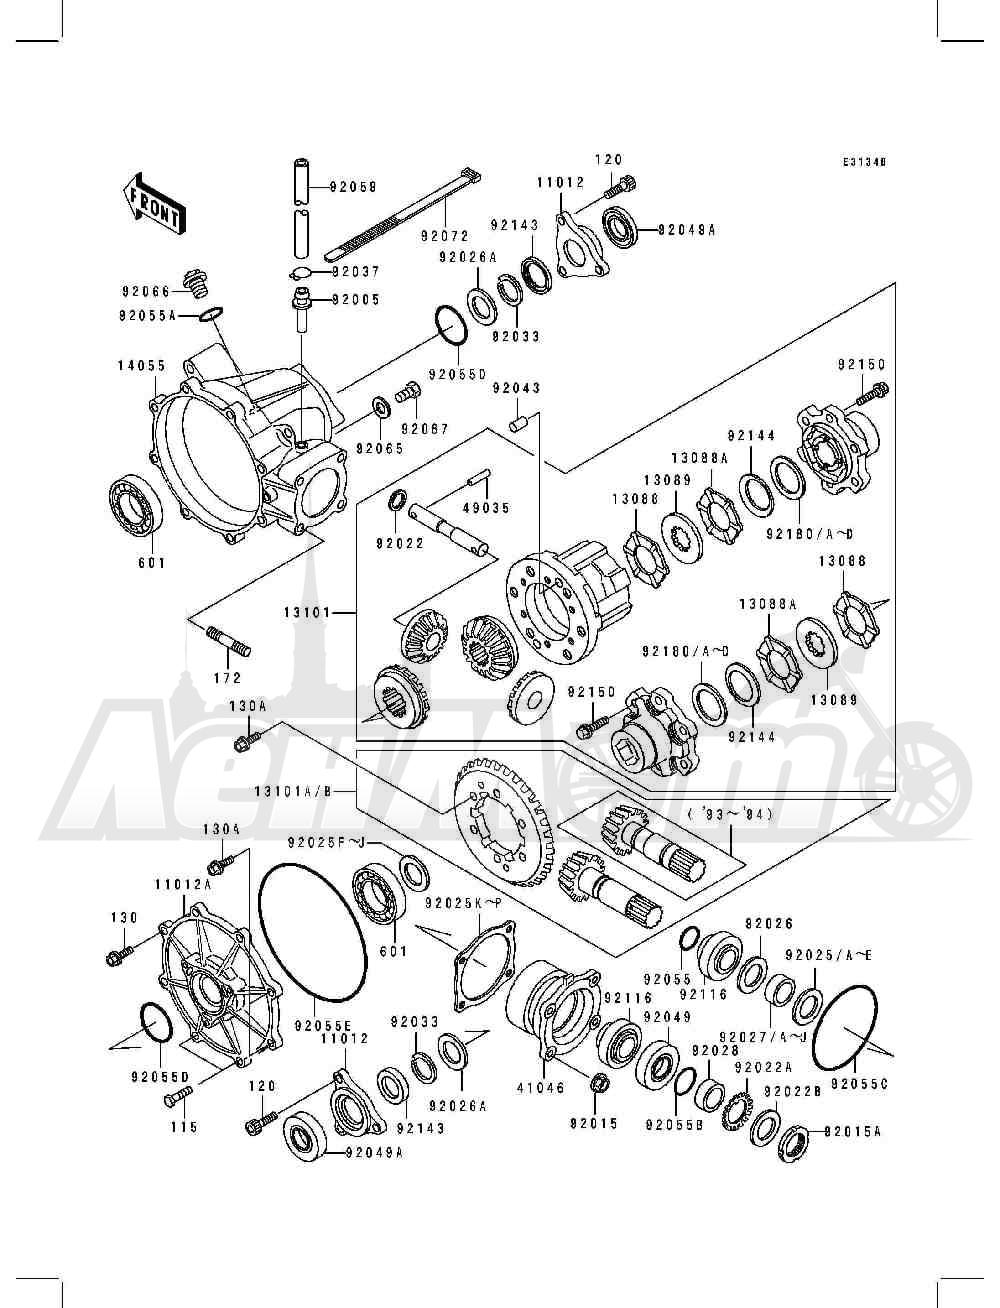 Запчасти для Квадроцикла Kawasaki 1994 BAYOU 400 4X4 (KLF400-B2) Раздел: DRIVE SHAFT(DIFFERENTIAL)   приводной вал (дифференциал)